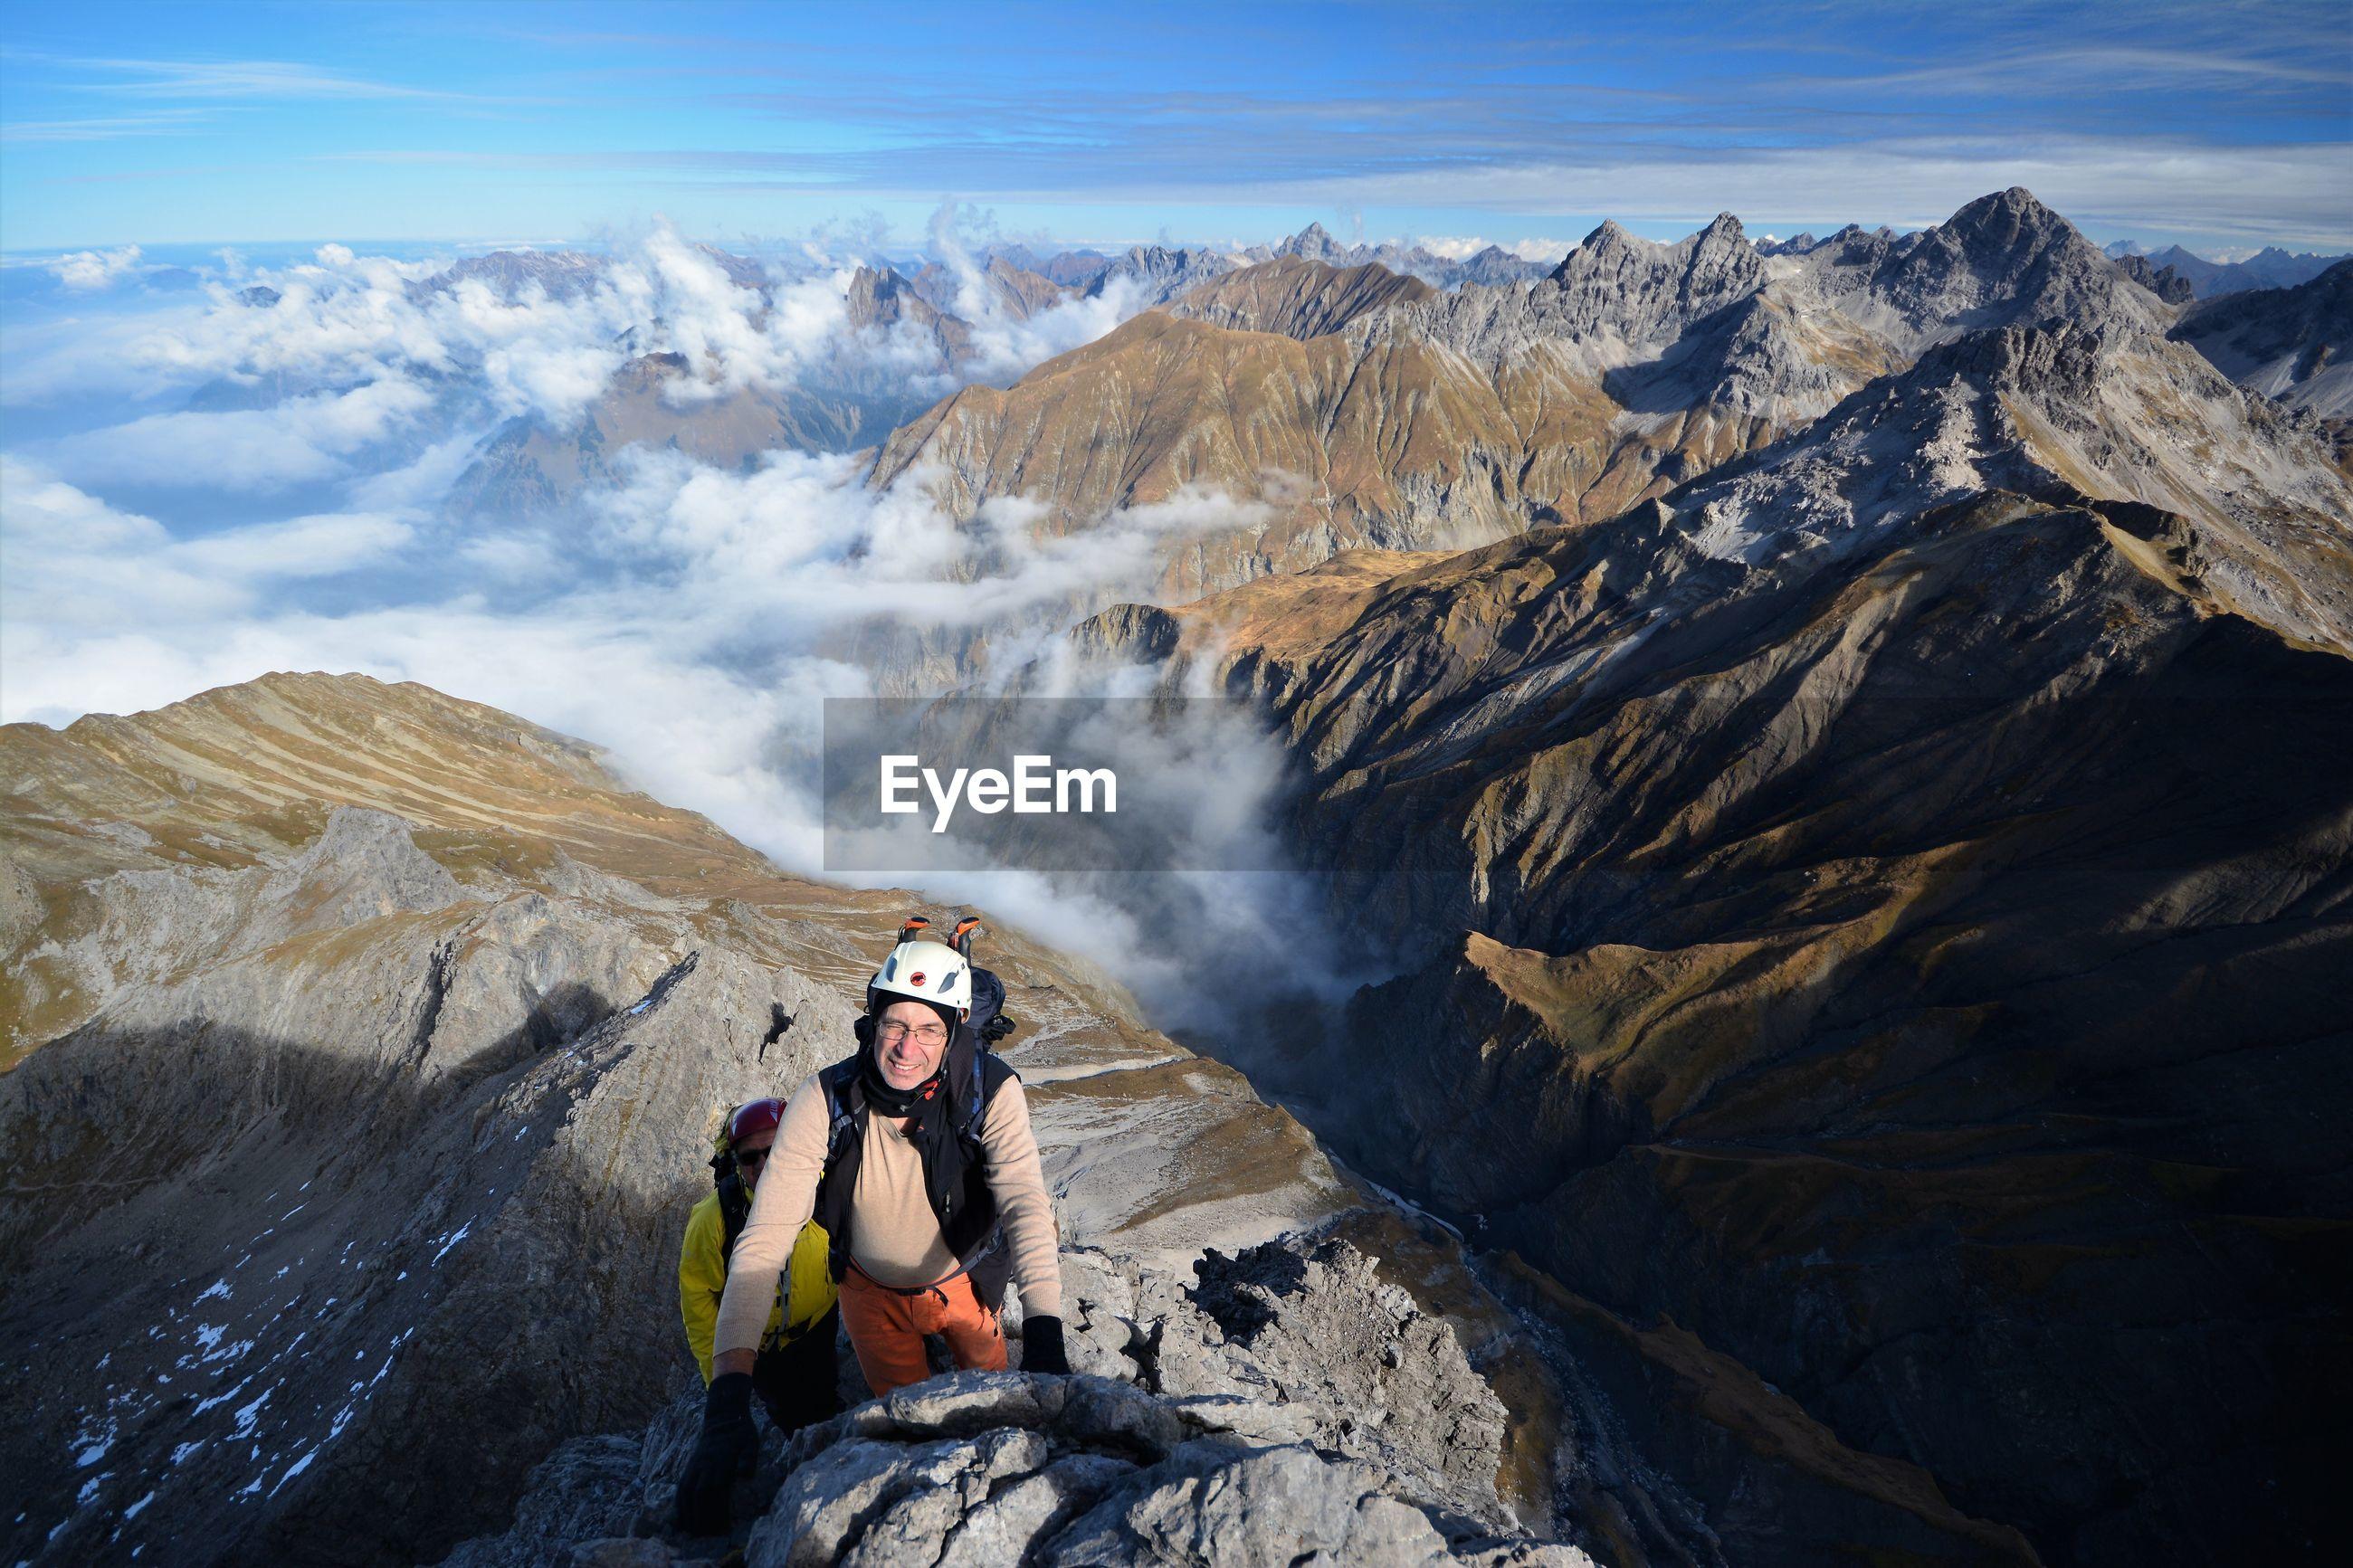 Portrait of senior man standing on mountain against sky